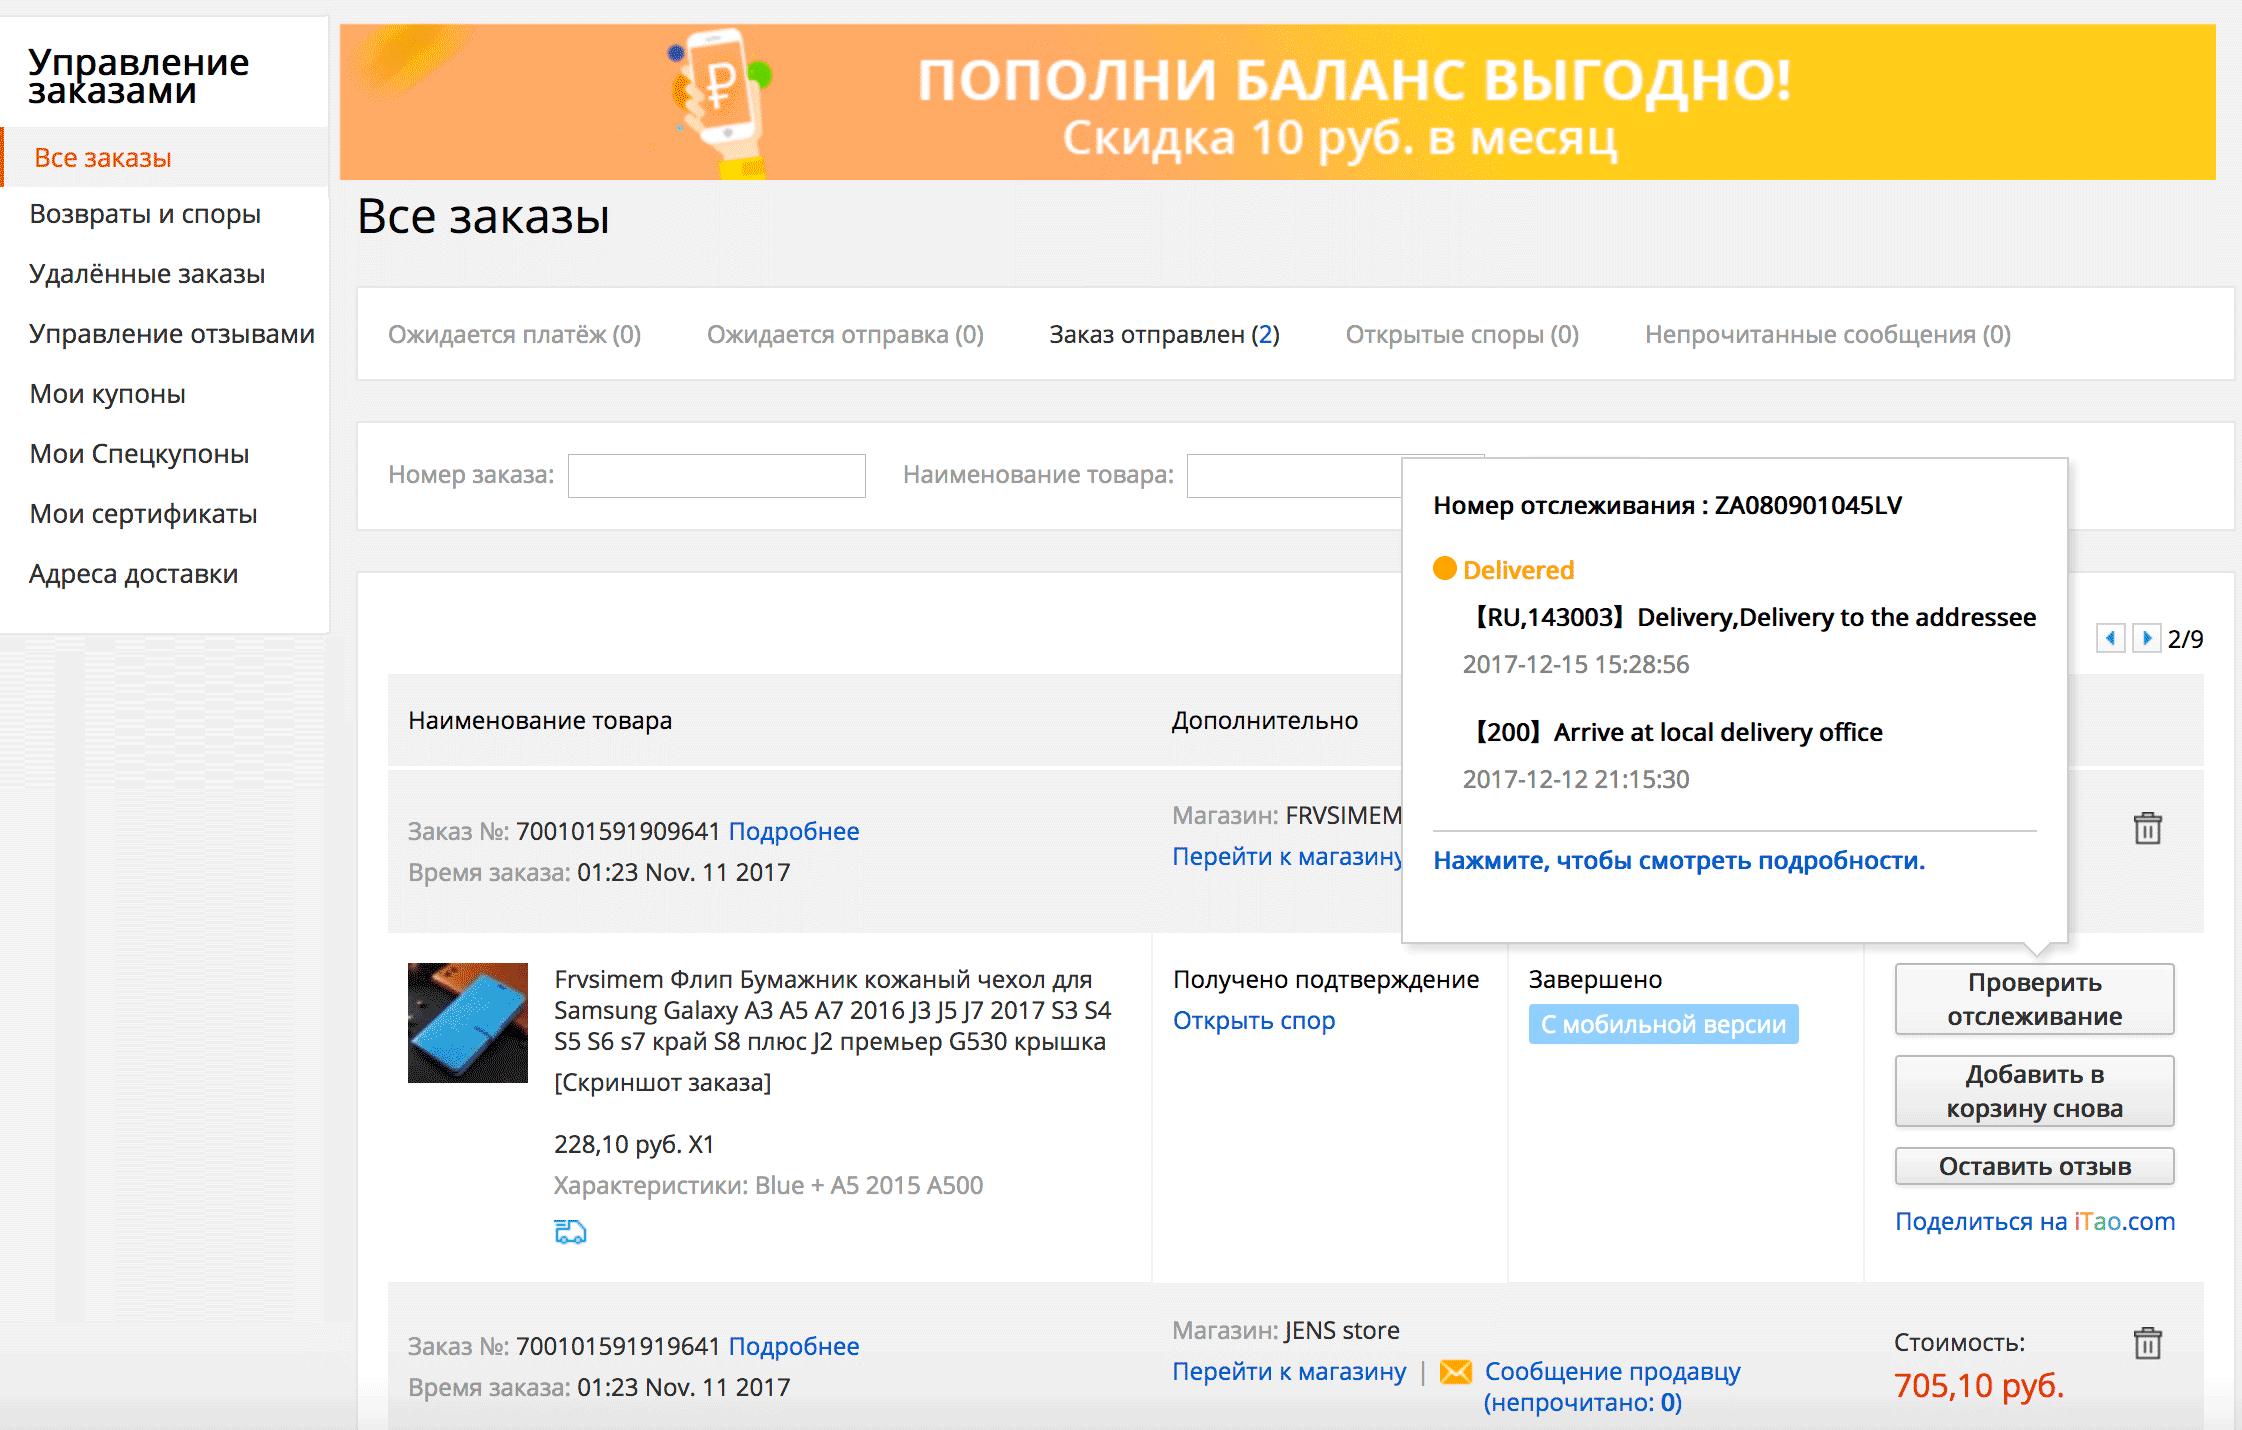 Чтобы проверить статус посылки, жмите «Проверить отслеживание» в разделе «Мои заказы» на сайте или в мобильном приложении. Иногда достаточно просто навести мышку. Посылка доставлена — можно идти на почту